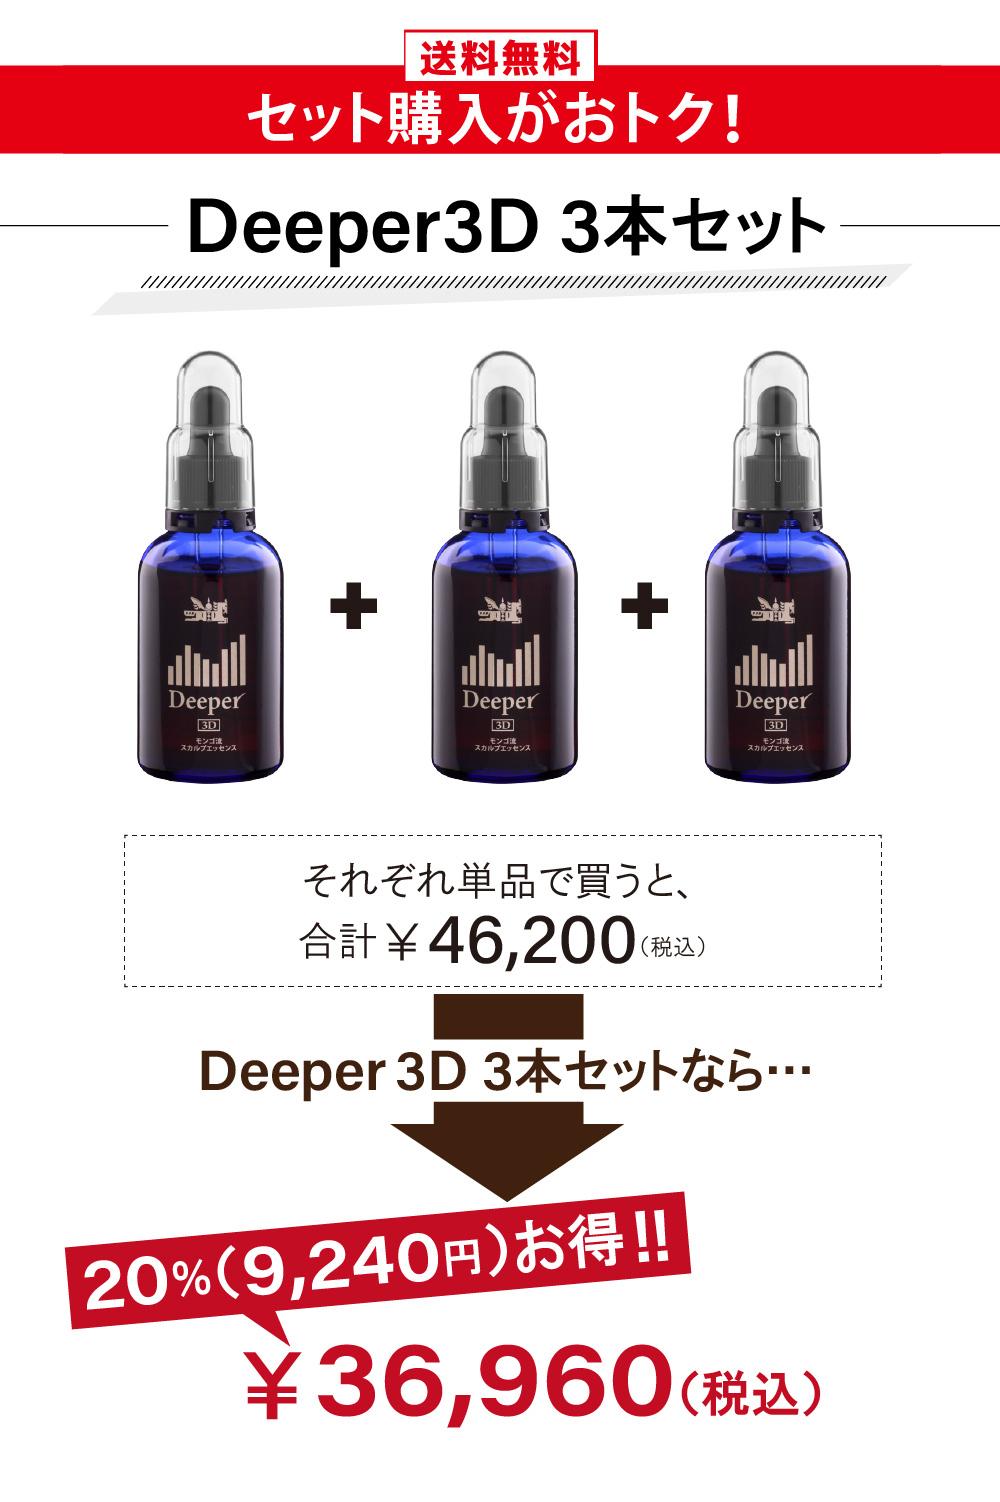 《20%お得》 モンゴ流スカルプエッセンス Deeper 3D / 60mL 3本セット バリアスルーお試しミニボトルをプレゼント!